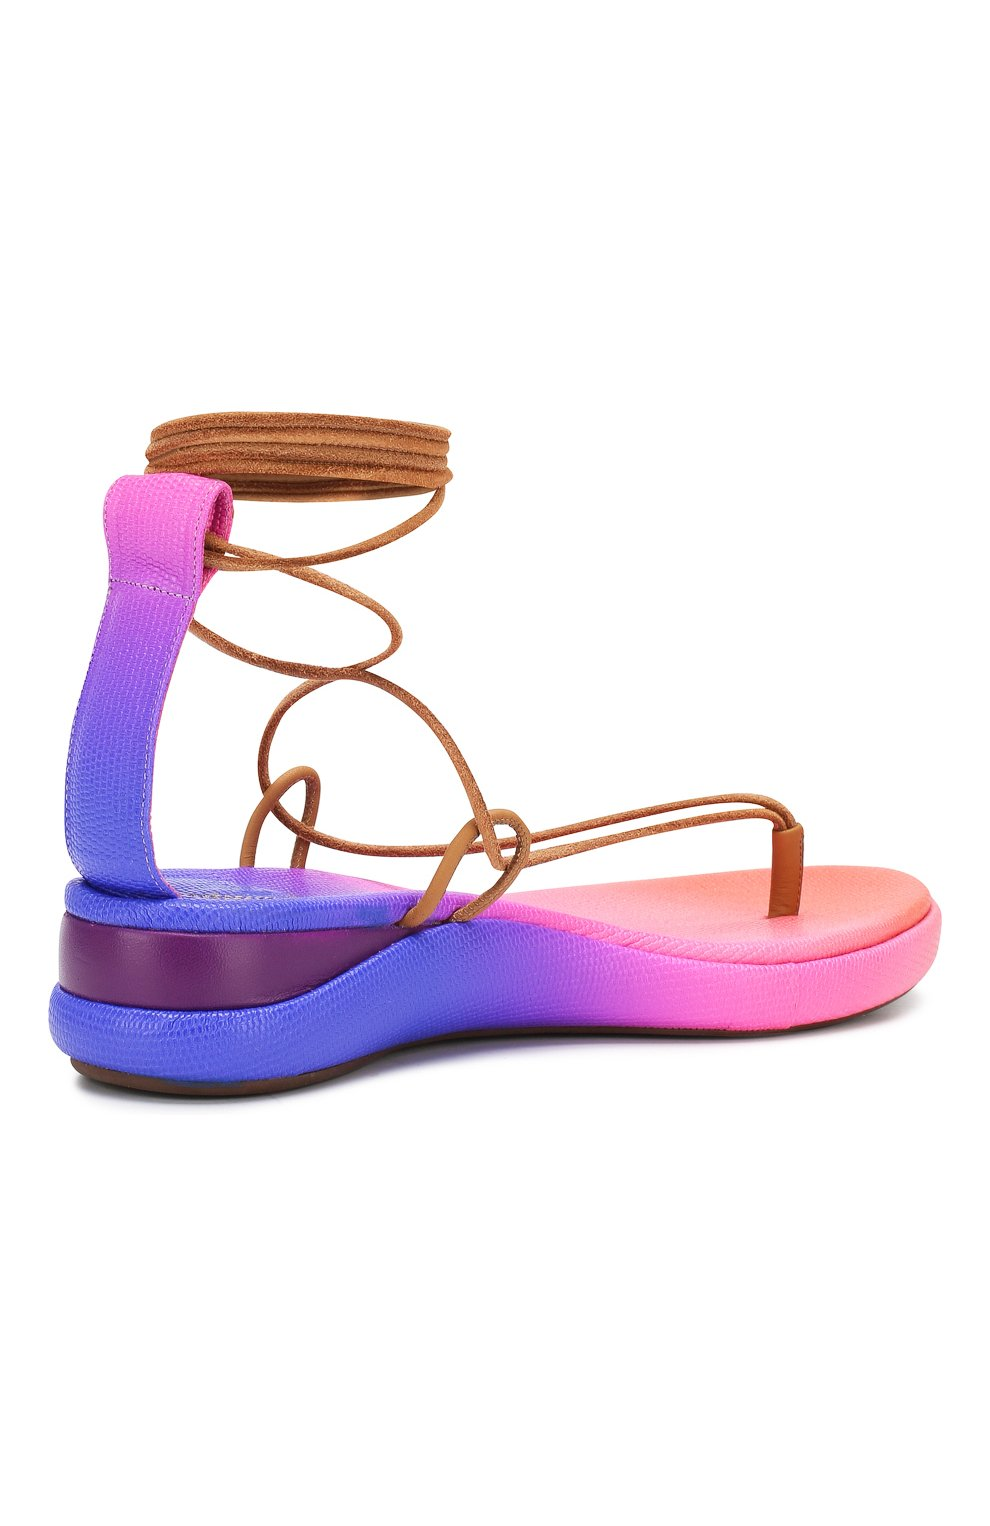 Текстильные сандалии Wave Chloé фиолетовые   Фото №4